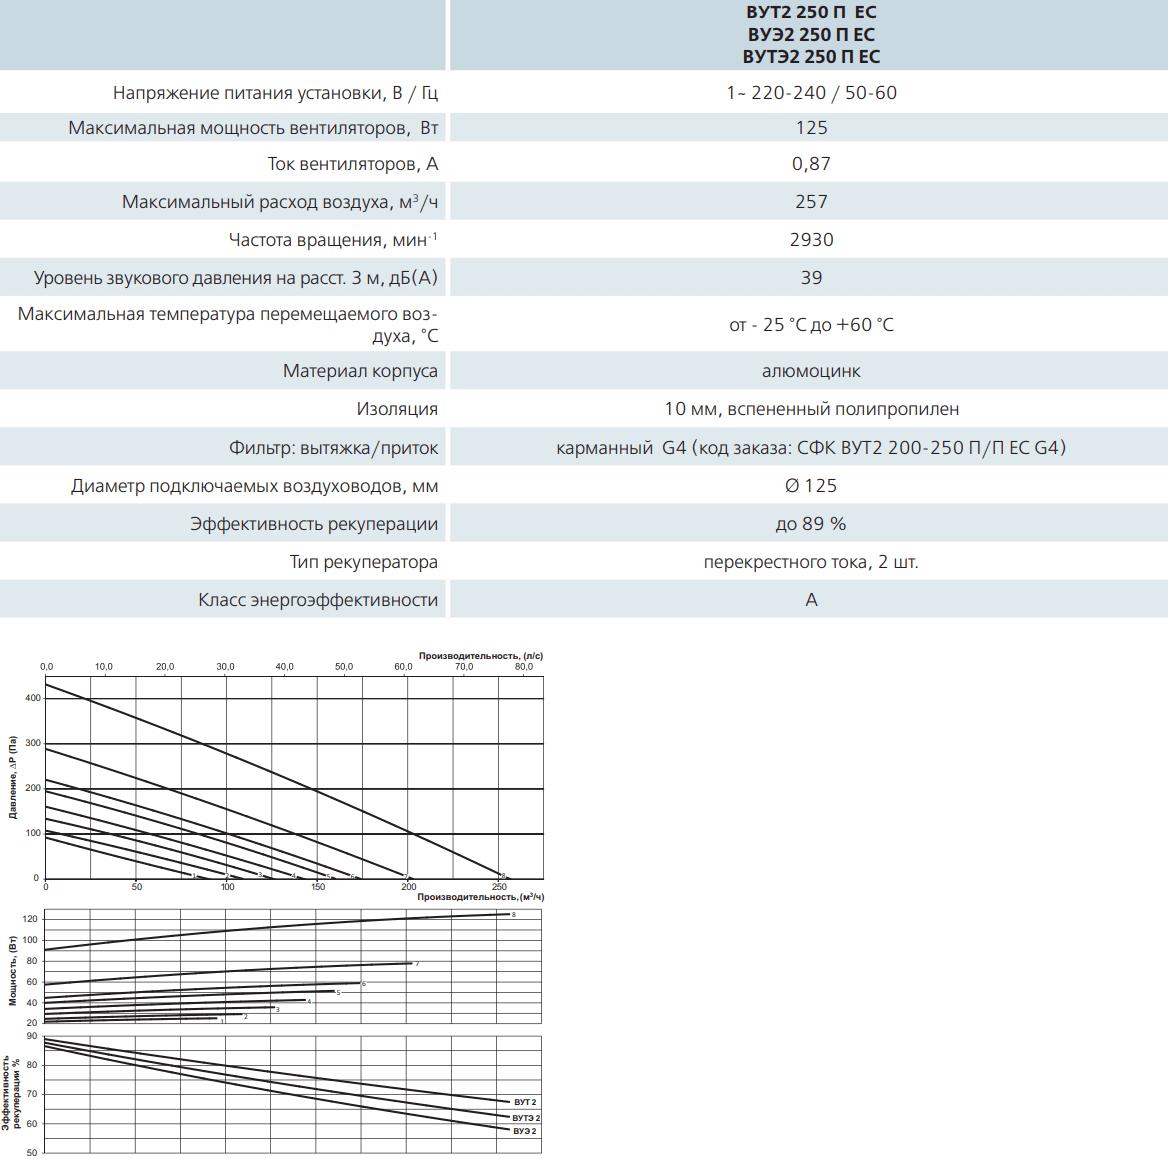 Приточно-вытяжная установка Вентс ВУТ2/ВУЭ2/ВУТЭ2 250 П ЕС - Технические характеристики